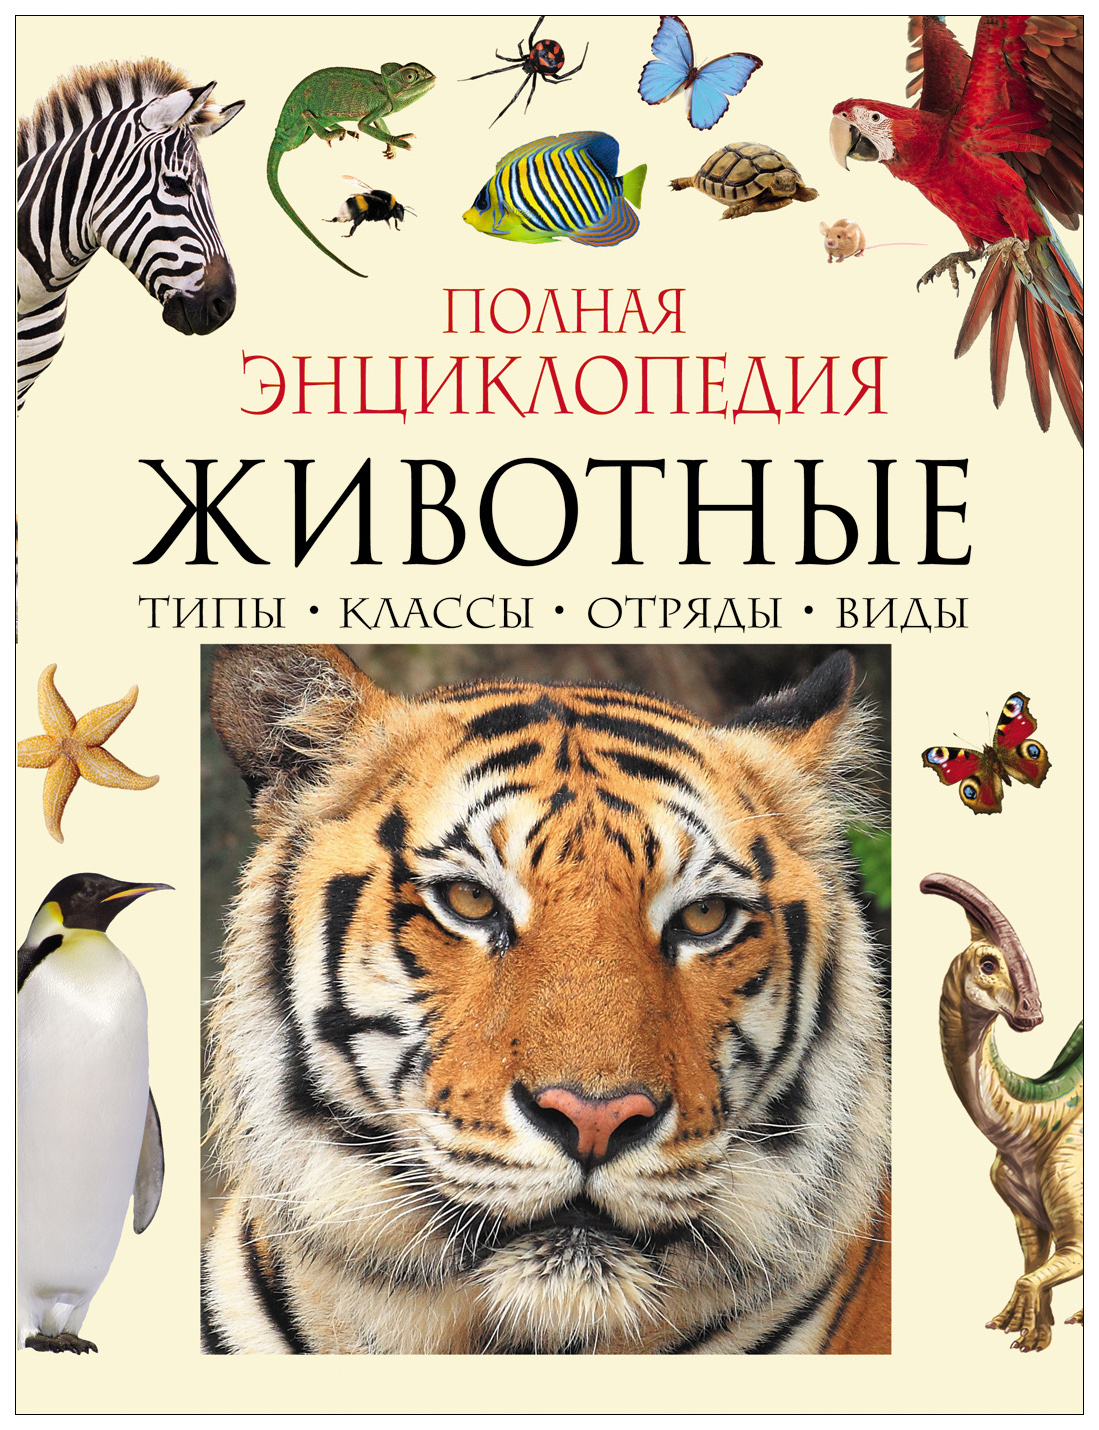 Купить Росмэн книга полная Энциклопедия Животного Мира Росмэн 30736, Животные и растения